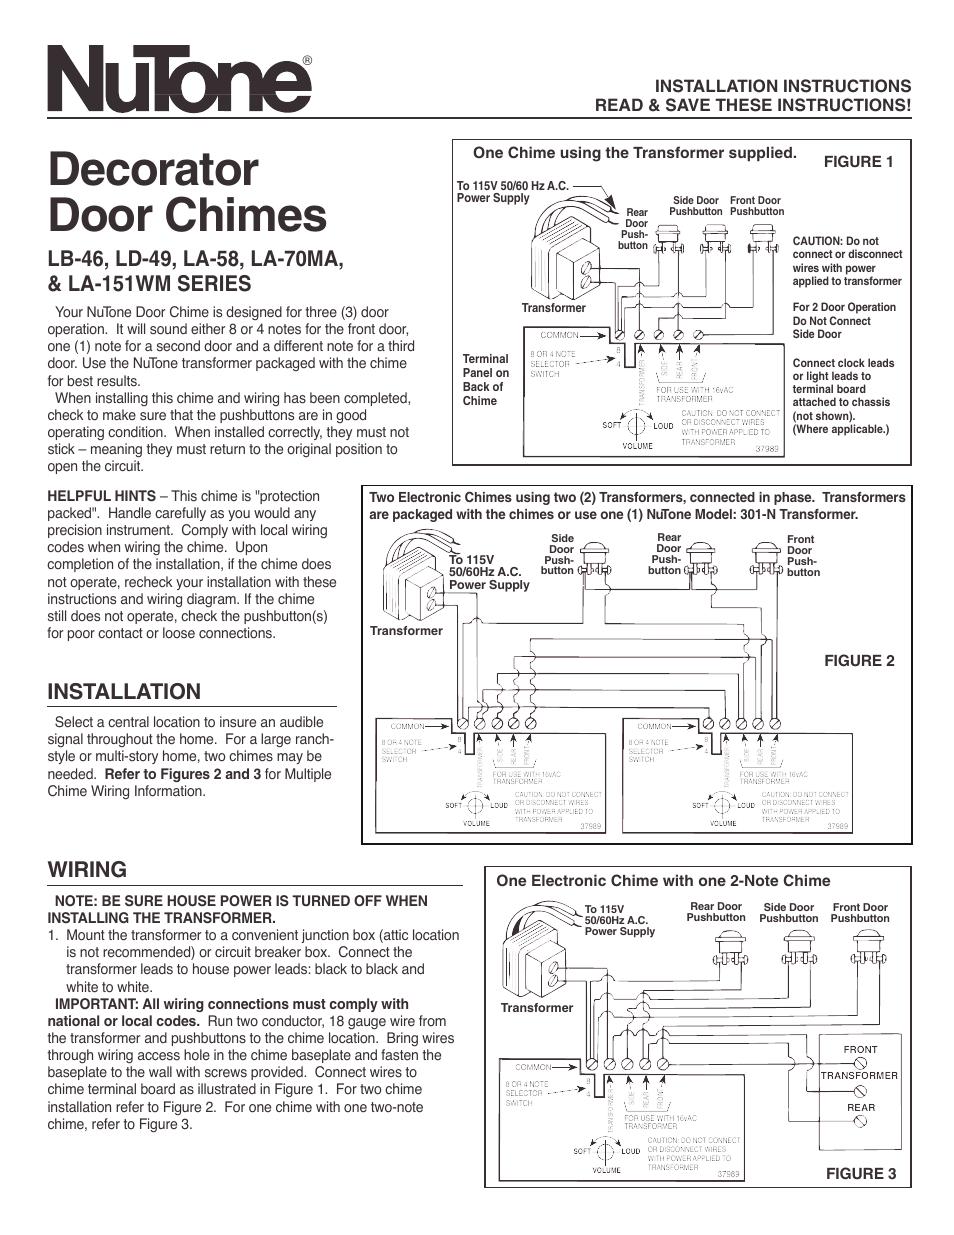 Vintage Nutone Doorbell Chime Wiring Diagrams